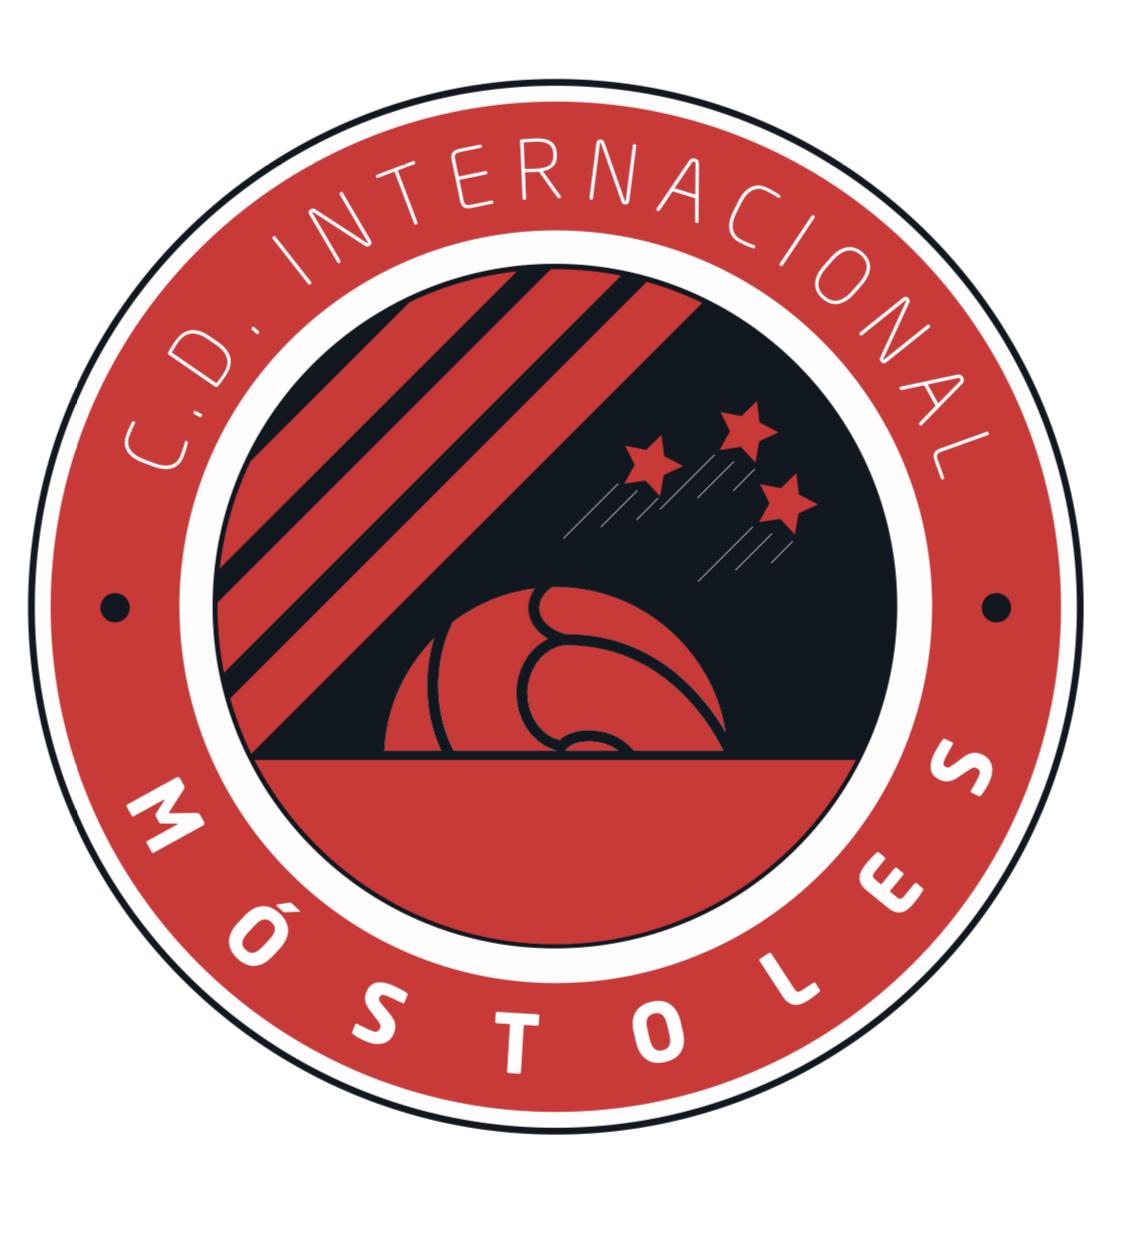 C.D.E. INTERNACIONAL DE MOSTOLES